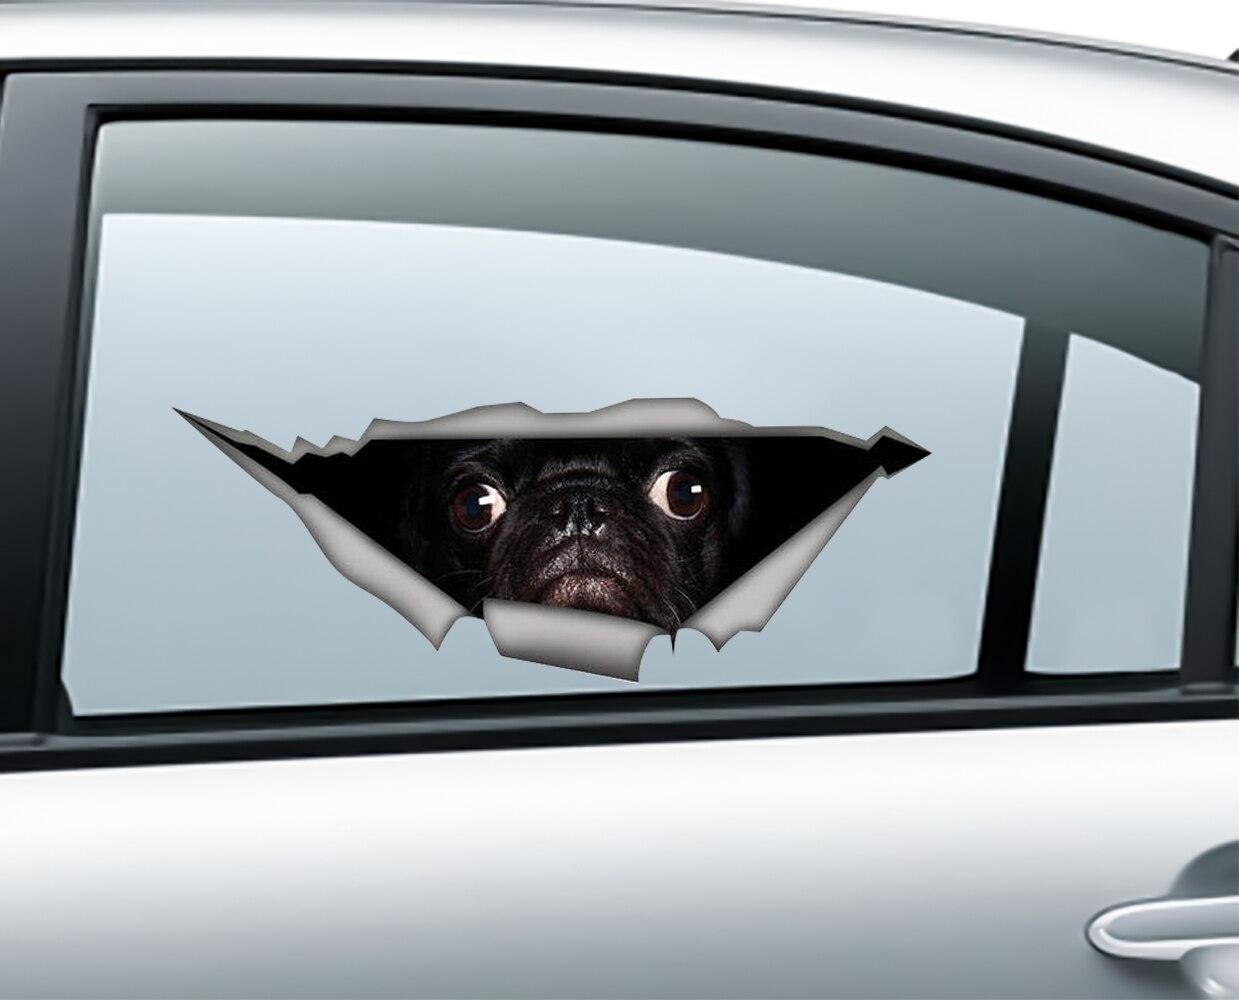 Автомобильная Наклейка 3D с животными, персонализированная наклейка s, компьютерная наклейка s, автомобильная наклейка s, Настенная Наклейка ...